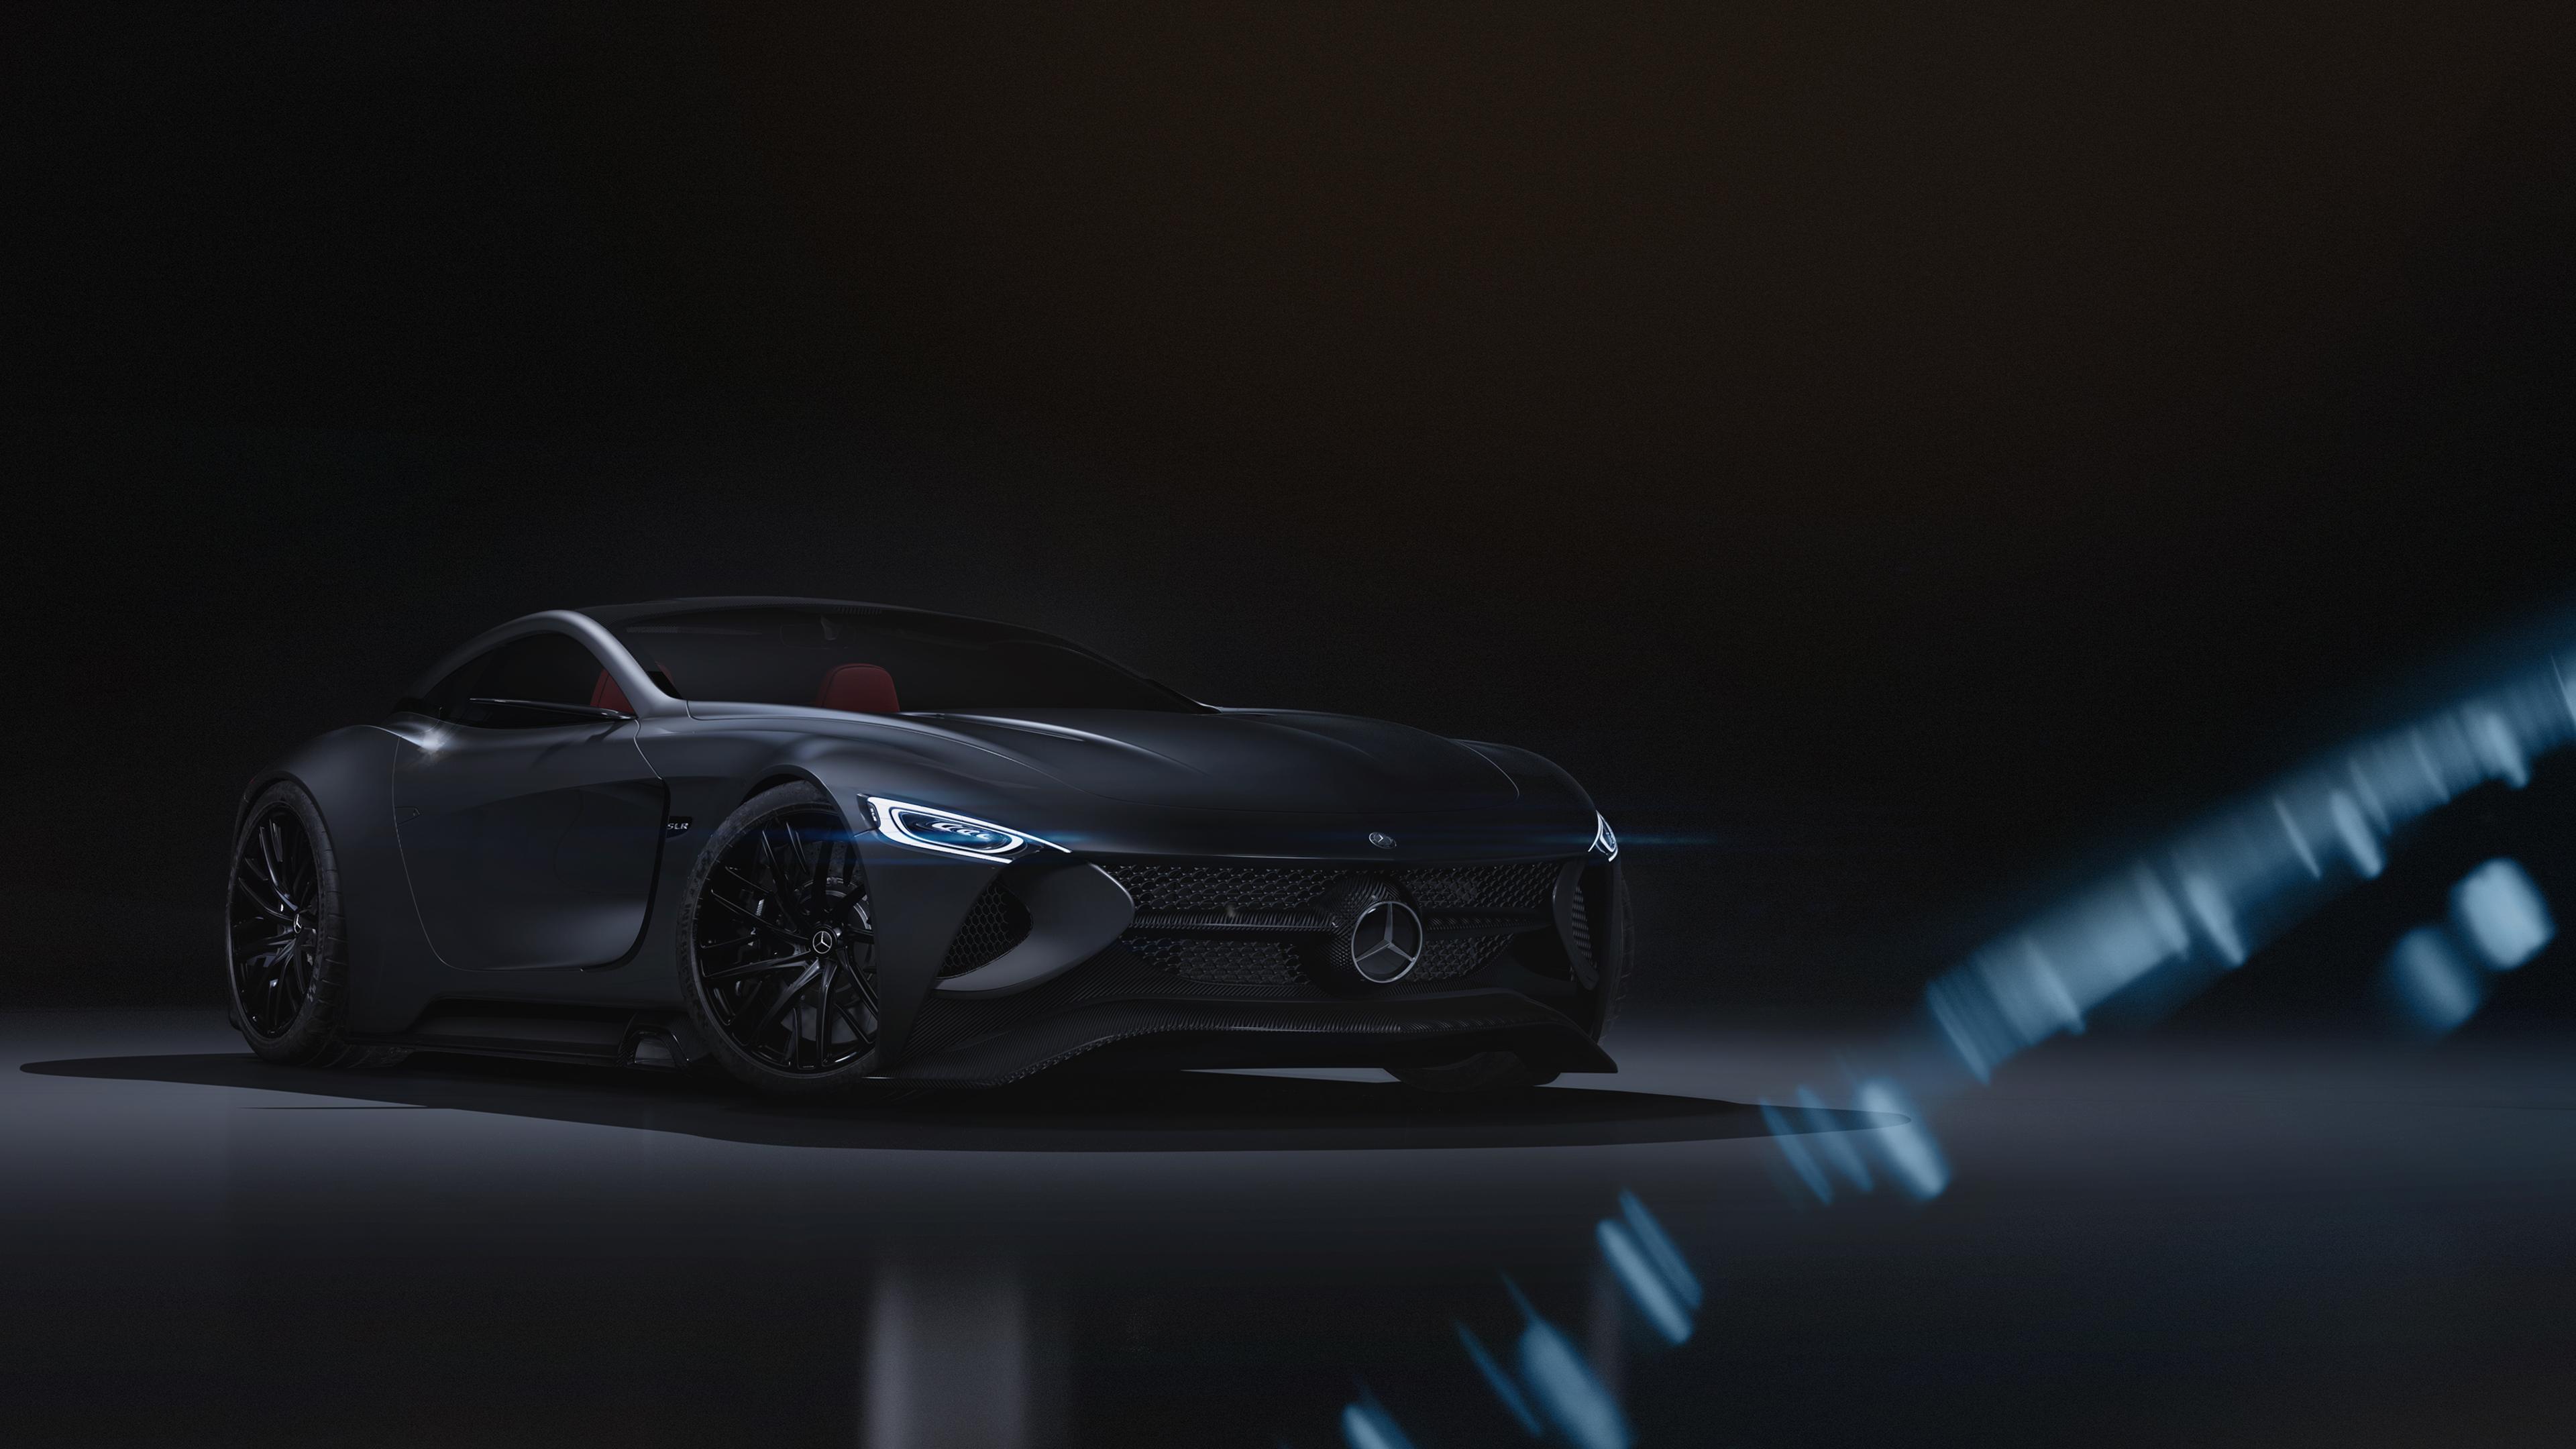 mercedes slr vision design 4k 1546362265 - Mercedes SLR Vision Design 4k - mercedes benz wallpapers, hd-wallpapers, cars wallpapers, behance wallpapers, 4k-wallpapers